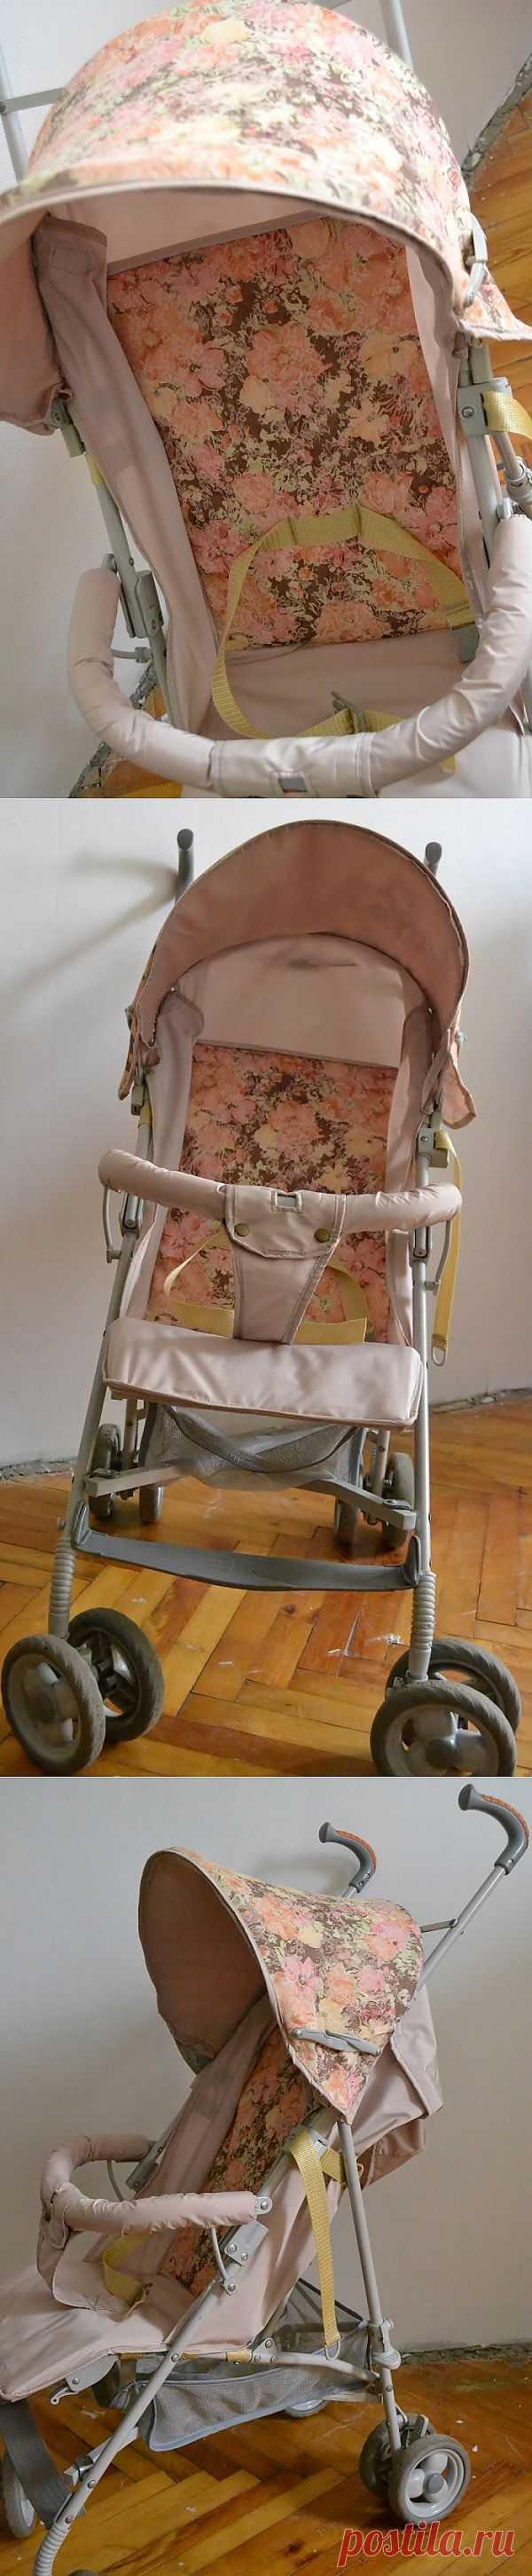 Вторая жизнь коляски / Для детей / Модный сайт о стильной переделке одежды и интерьера